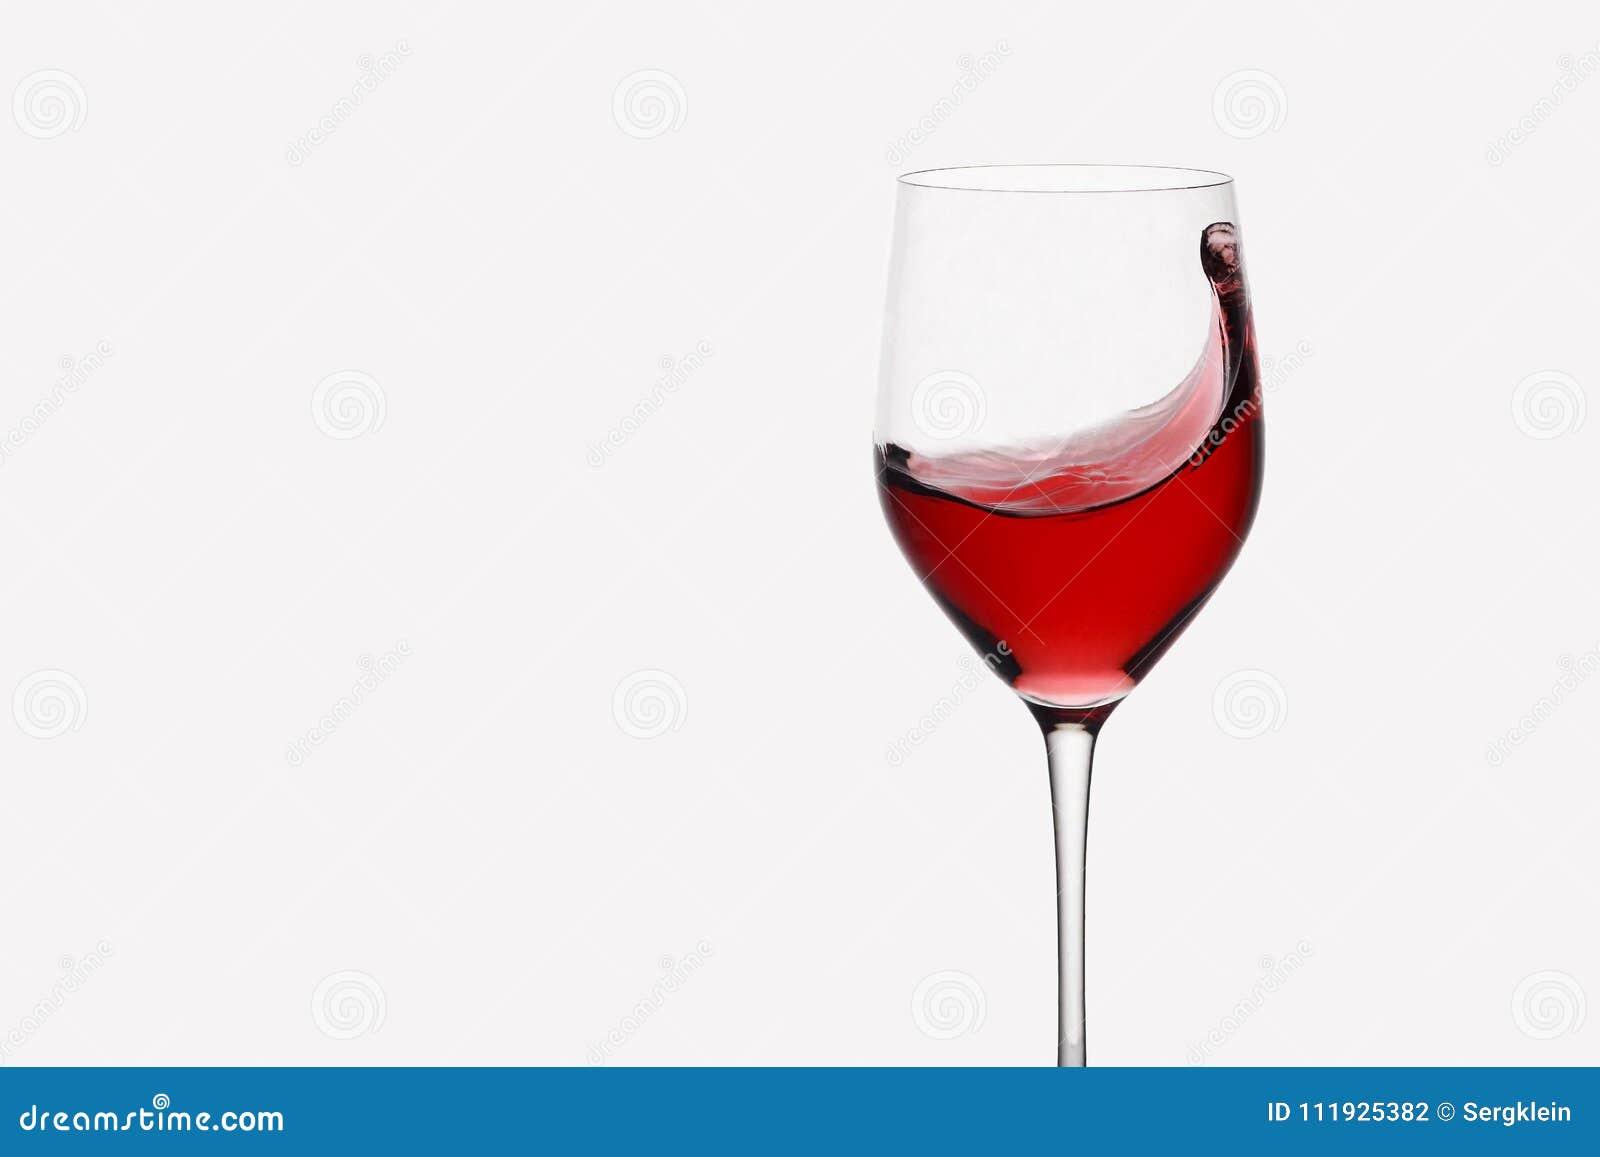 Vino rojo que remolina en una copa de vino que se opone a fondo ligero